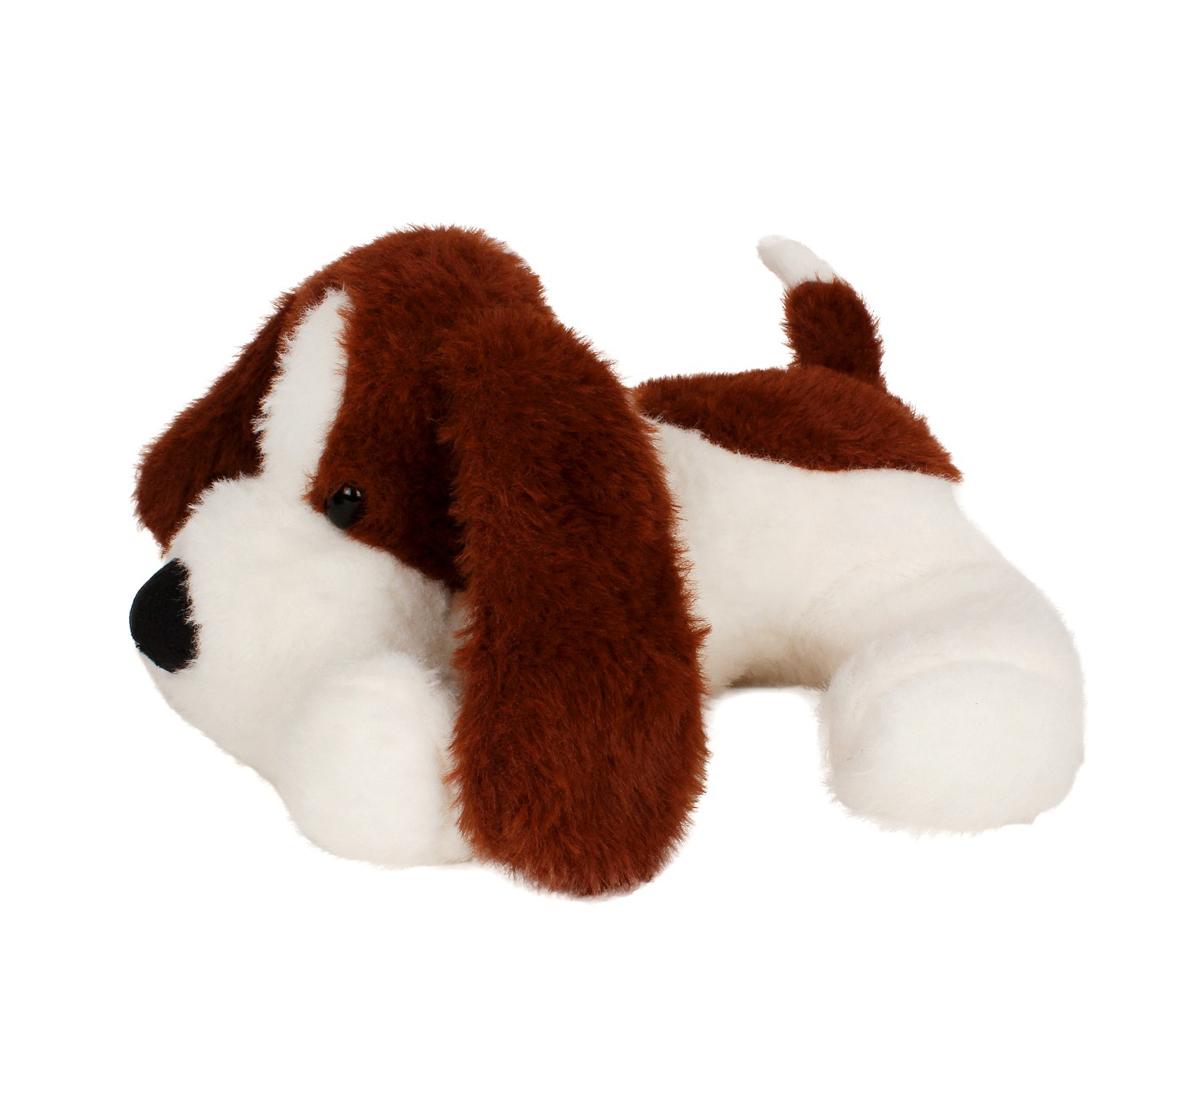 Fuzzbuzz | Fuzzbuzz Soft Lying Dog - Dark Brown - 33Cm Quirky Soft Toys for Kids age 0M+ - 15 Cm (Dark Brown)